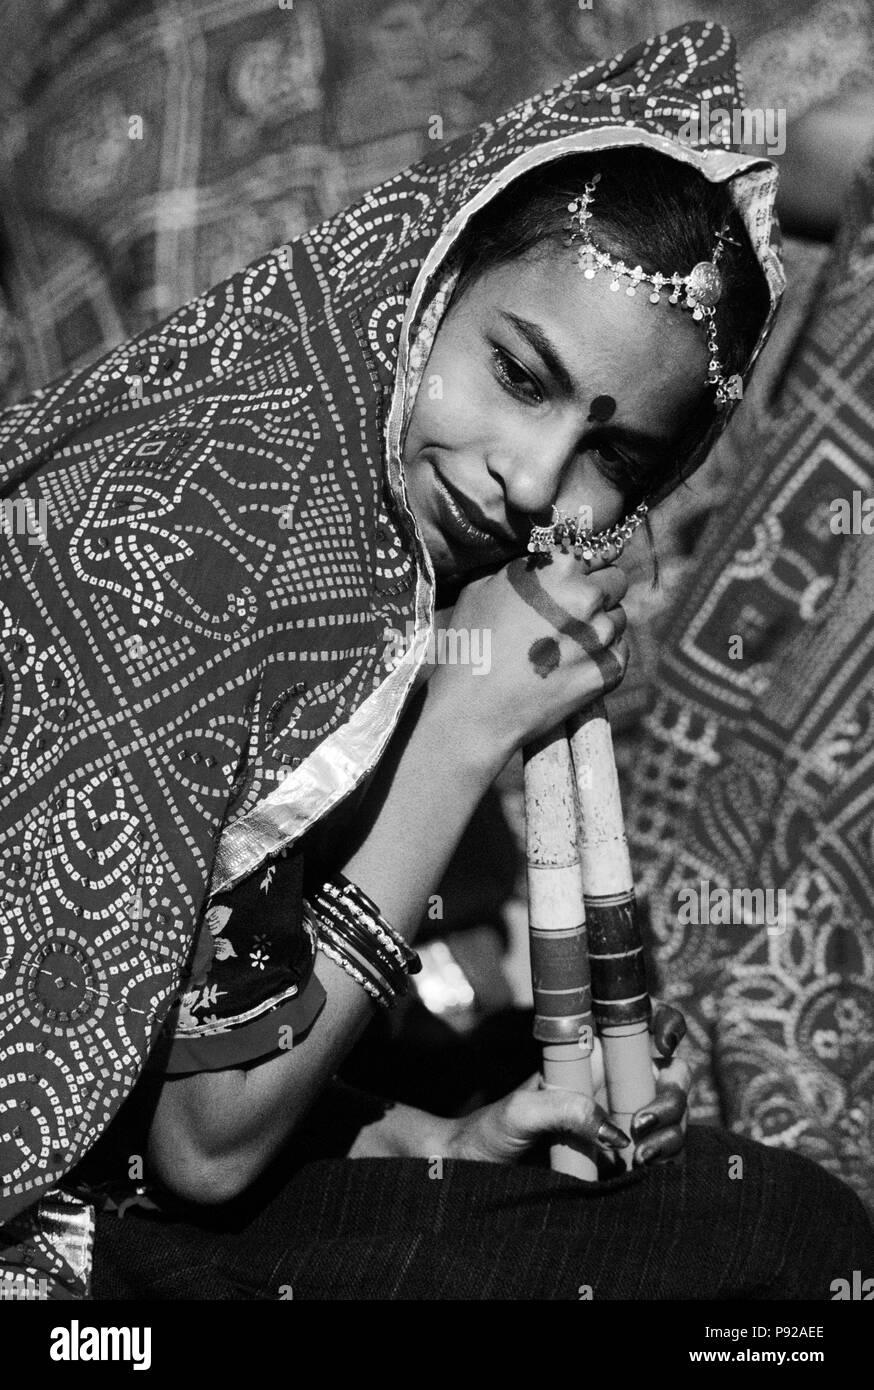 Portrait d'une jeune fille lors d'un traditionnel RAJASTHANI DANCE performance à l'CAMEL PUSHKAR FAIR - RAJASTHAN, INDE Banque D'Images